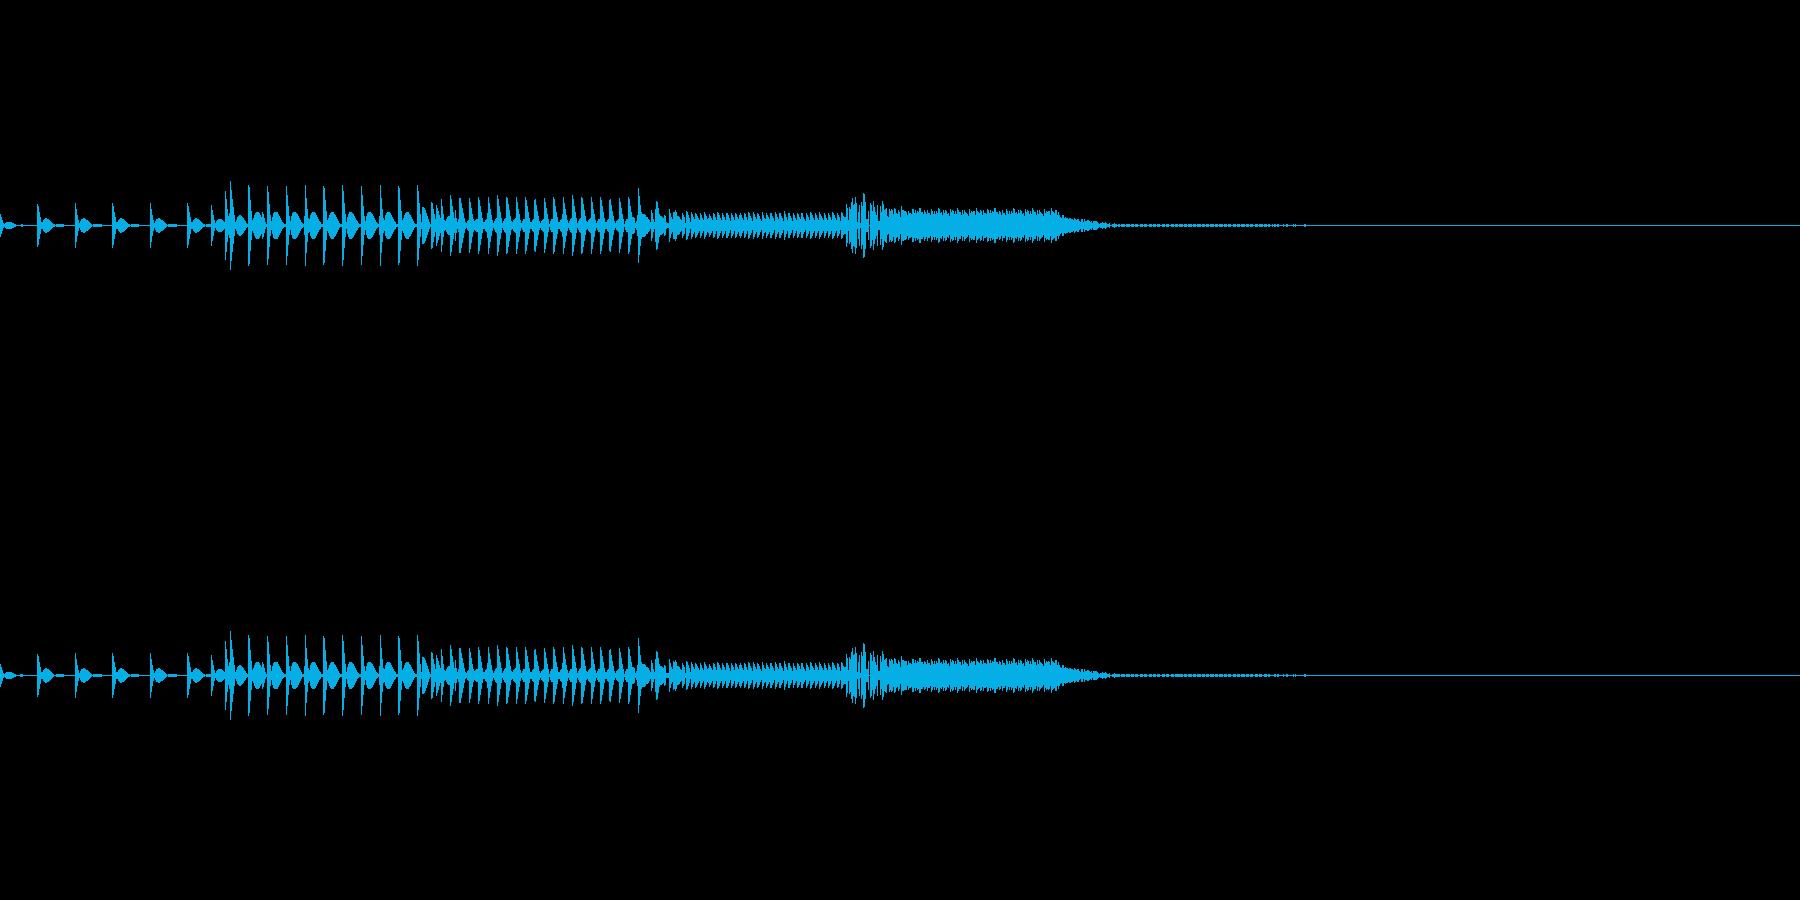 ピコッ(システム音)の再生済みの波形